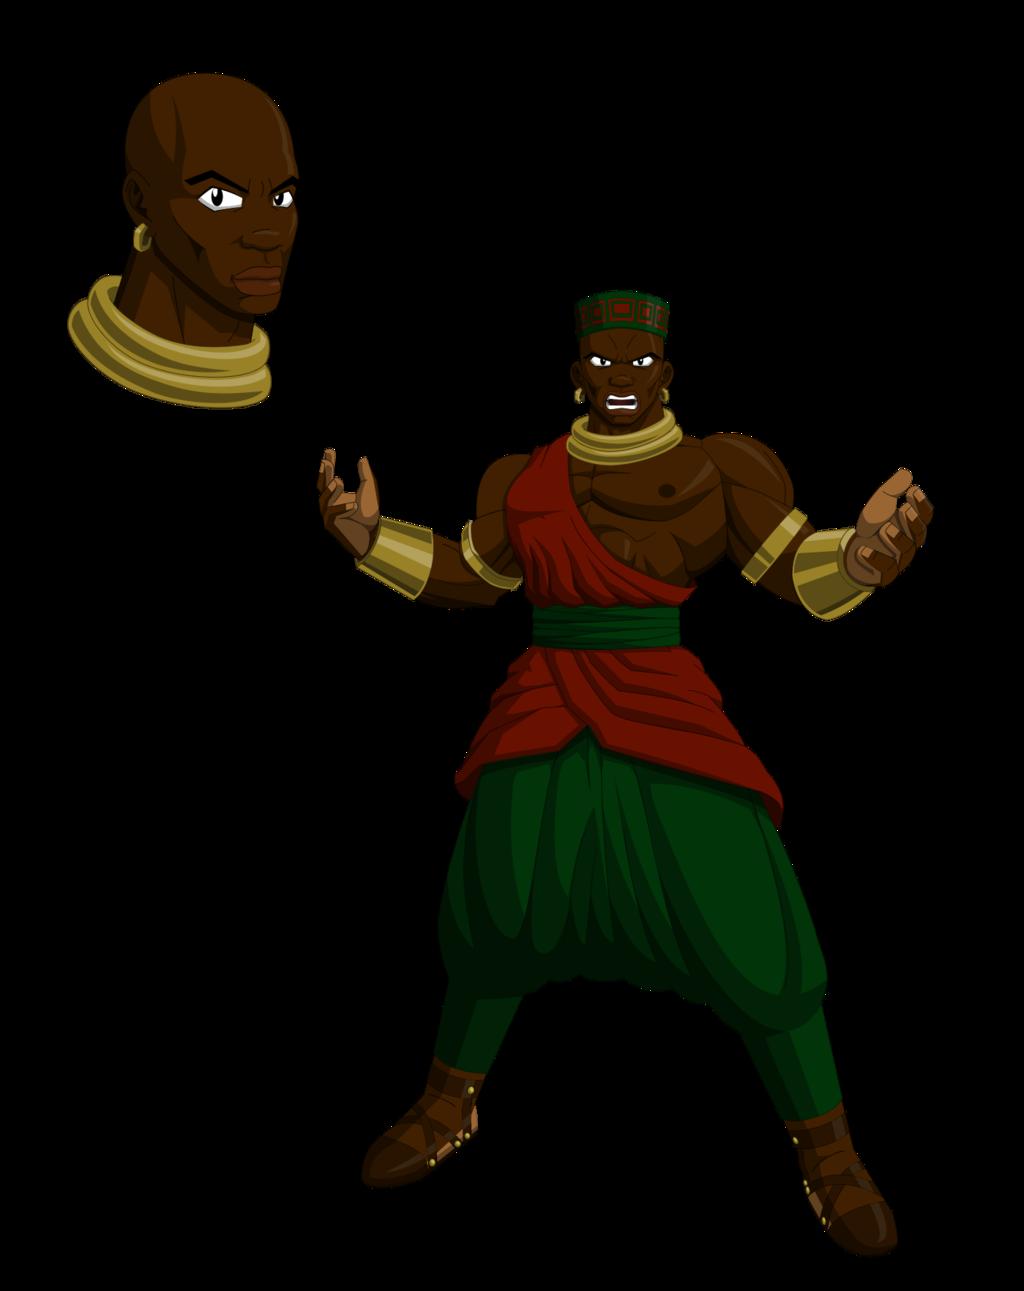 Warrior clipart warrior head. Best free african photos